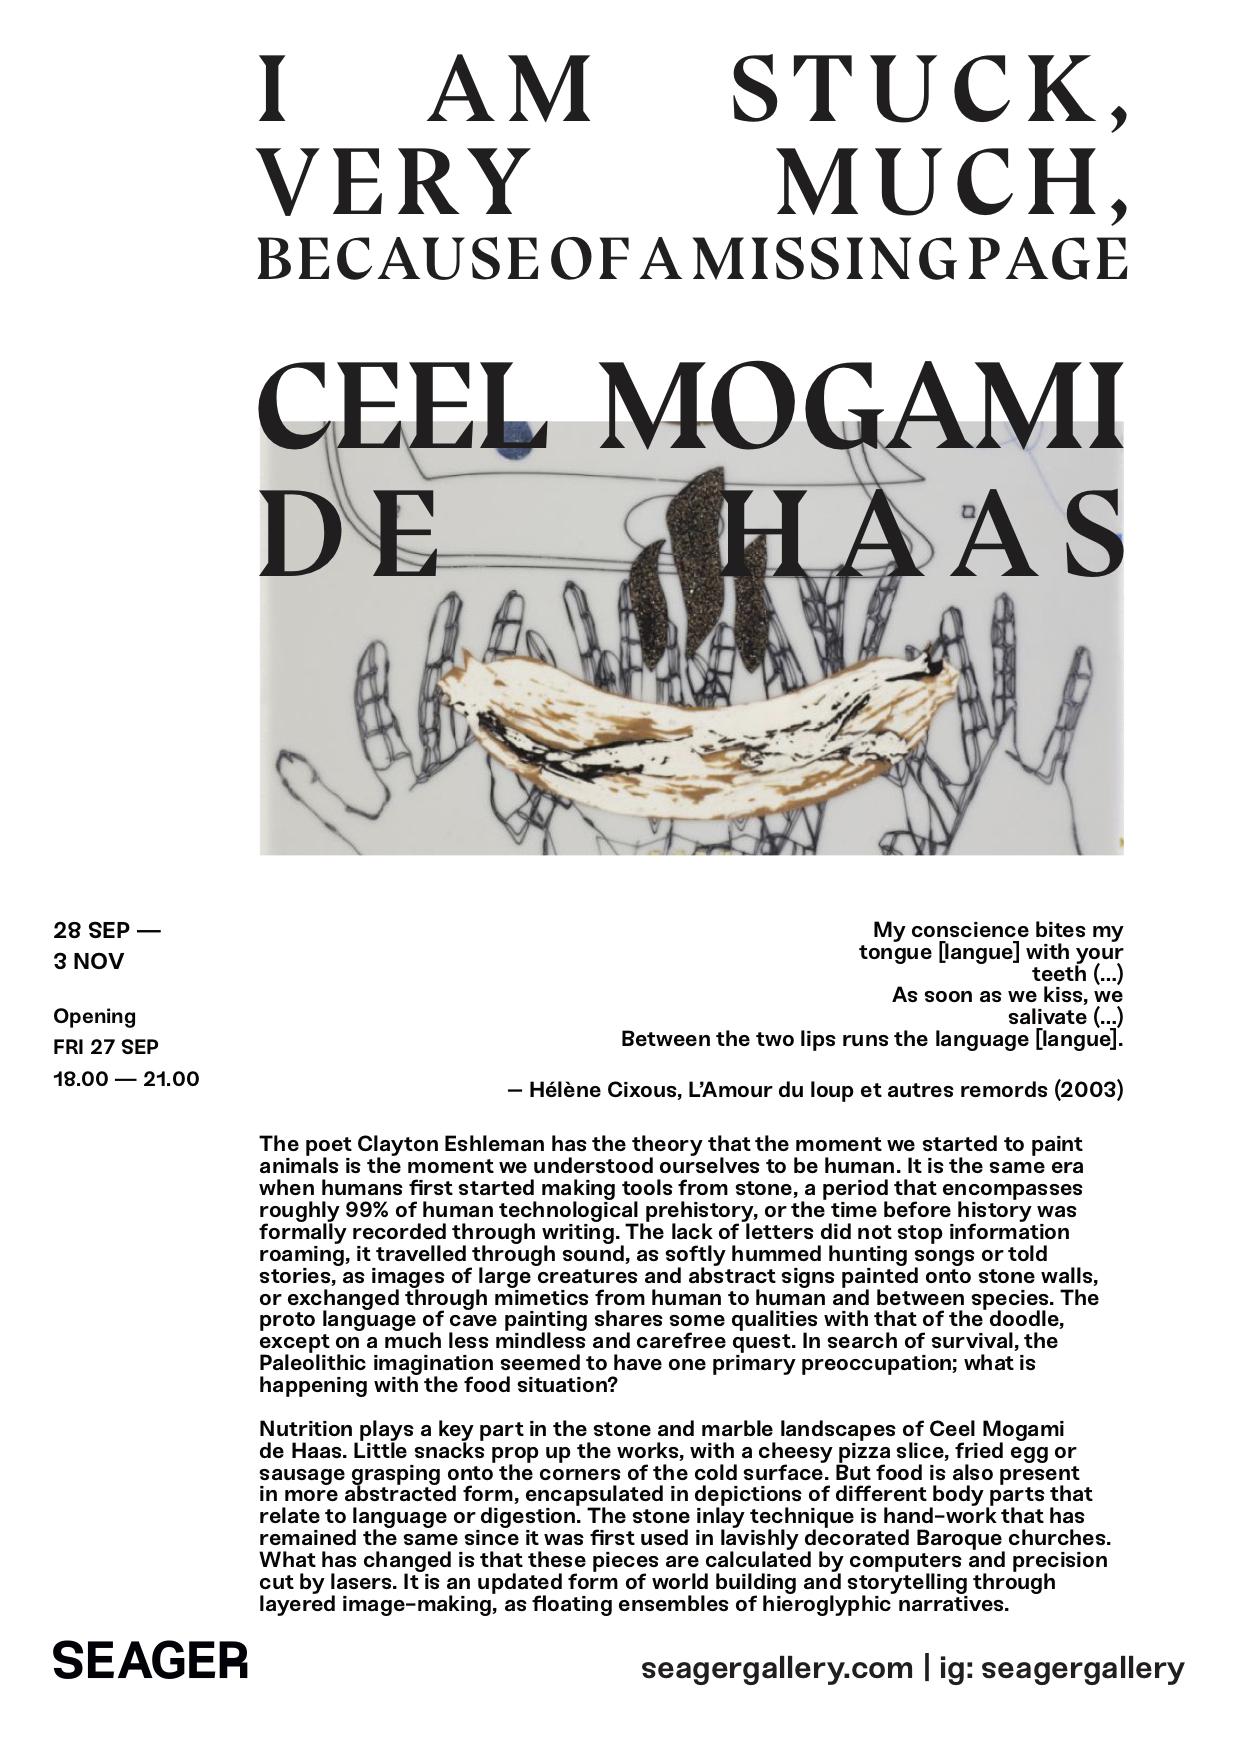 CEEL MOGAMI DE HAAS